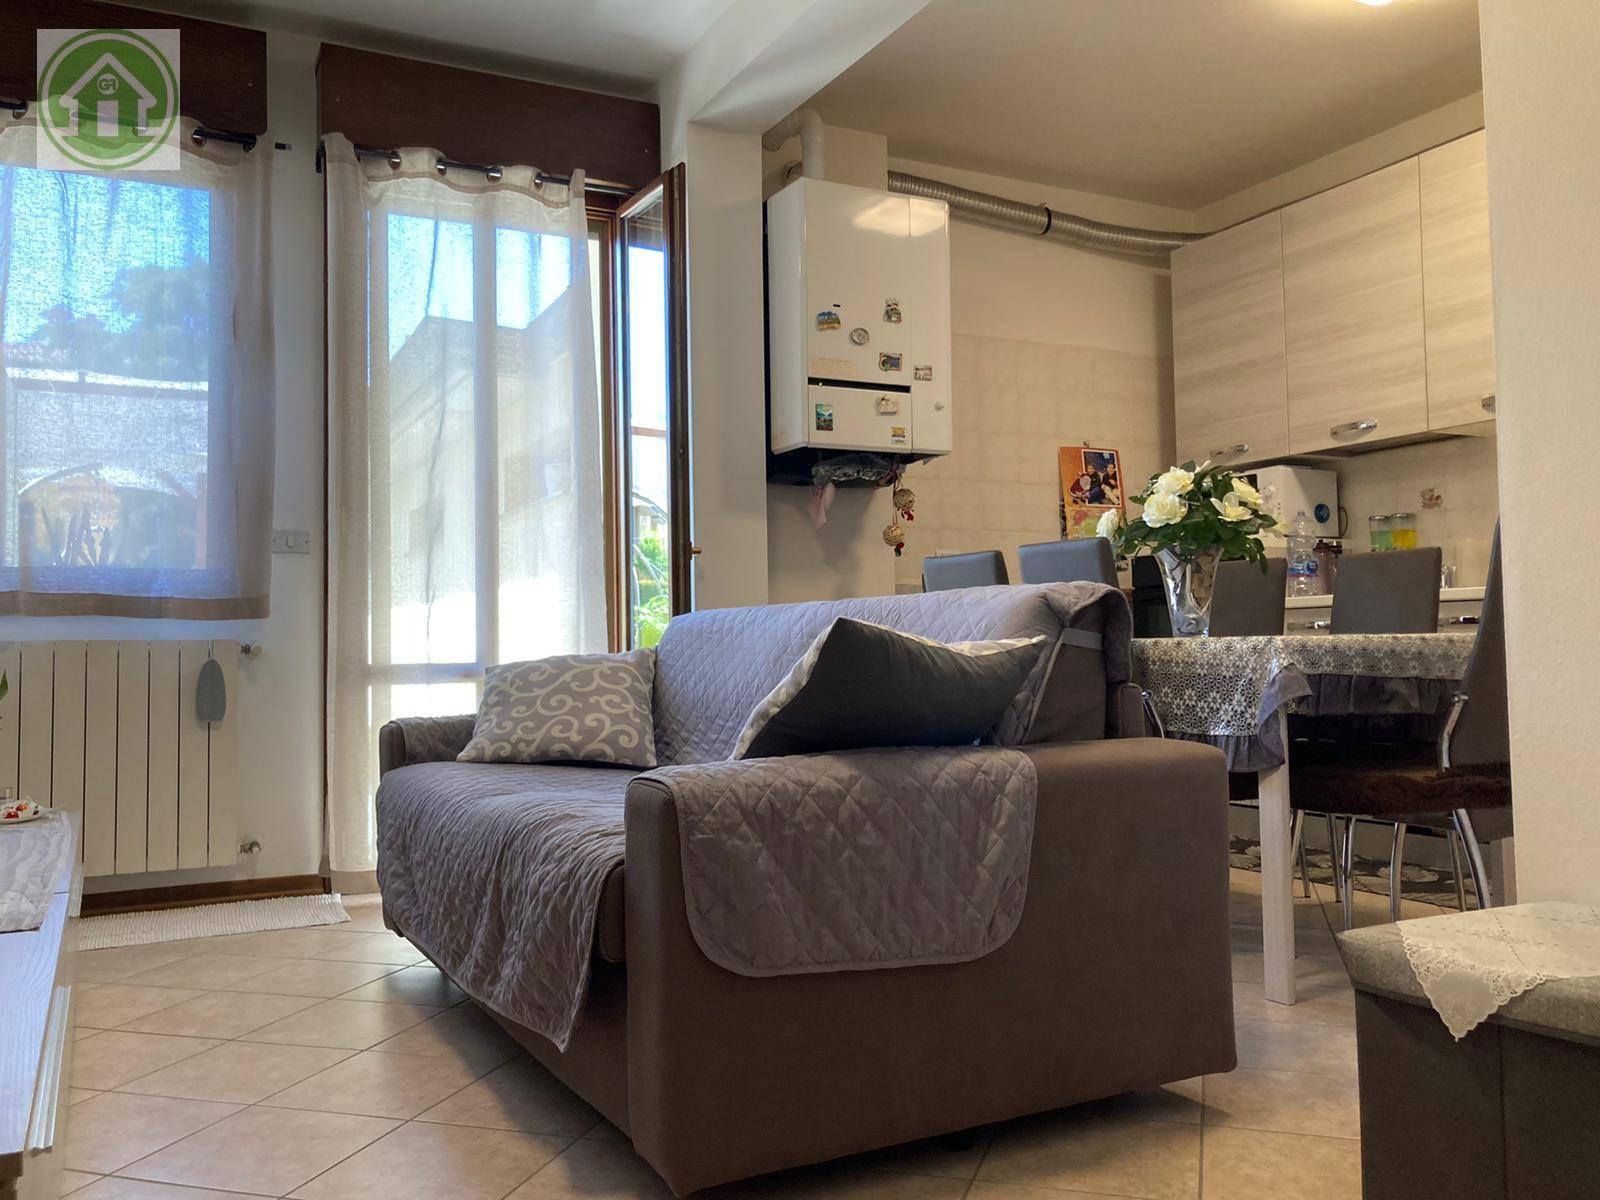 Appartamento in vendita a Pavullo nel Frignano, 3 locali, zona Località: Piantacroce, prezzo € 125.000 | PortaleAgenzieImmobiliari.it